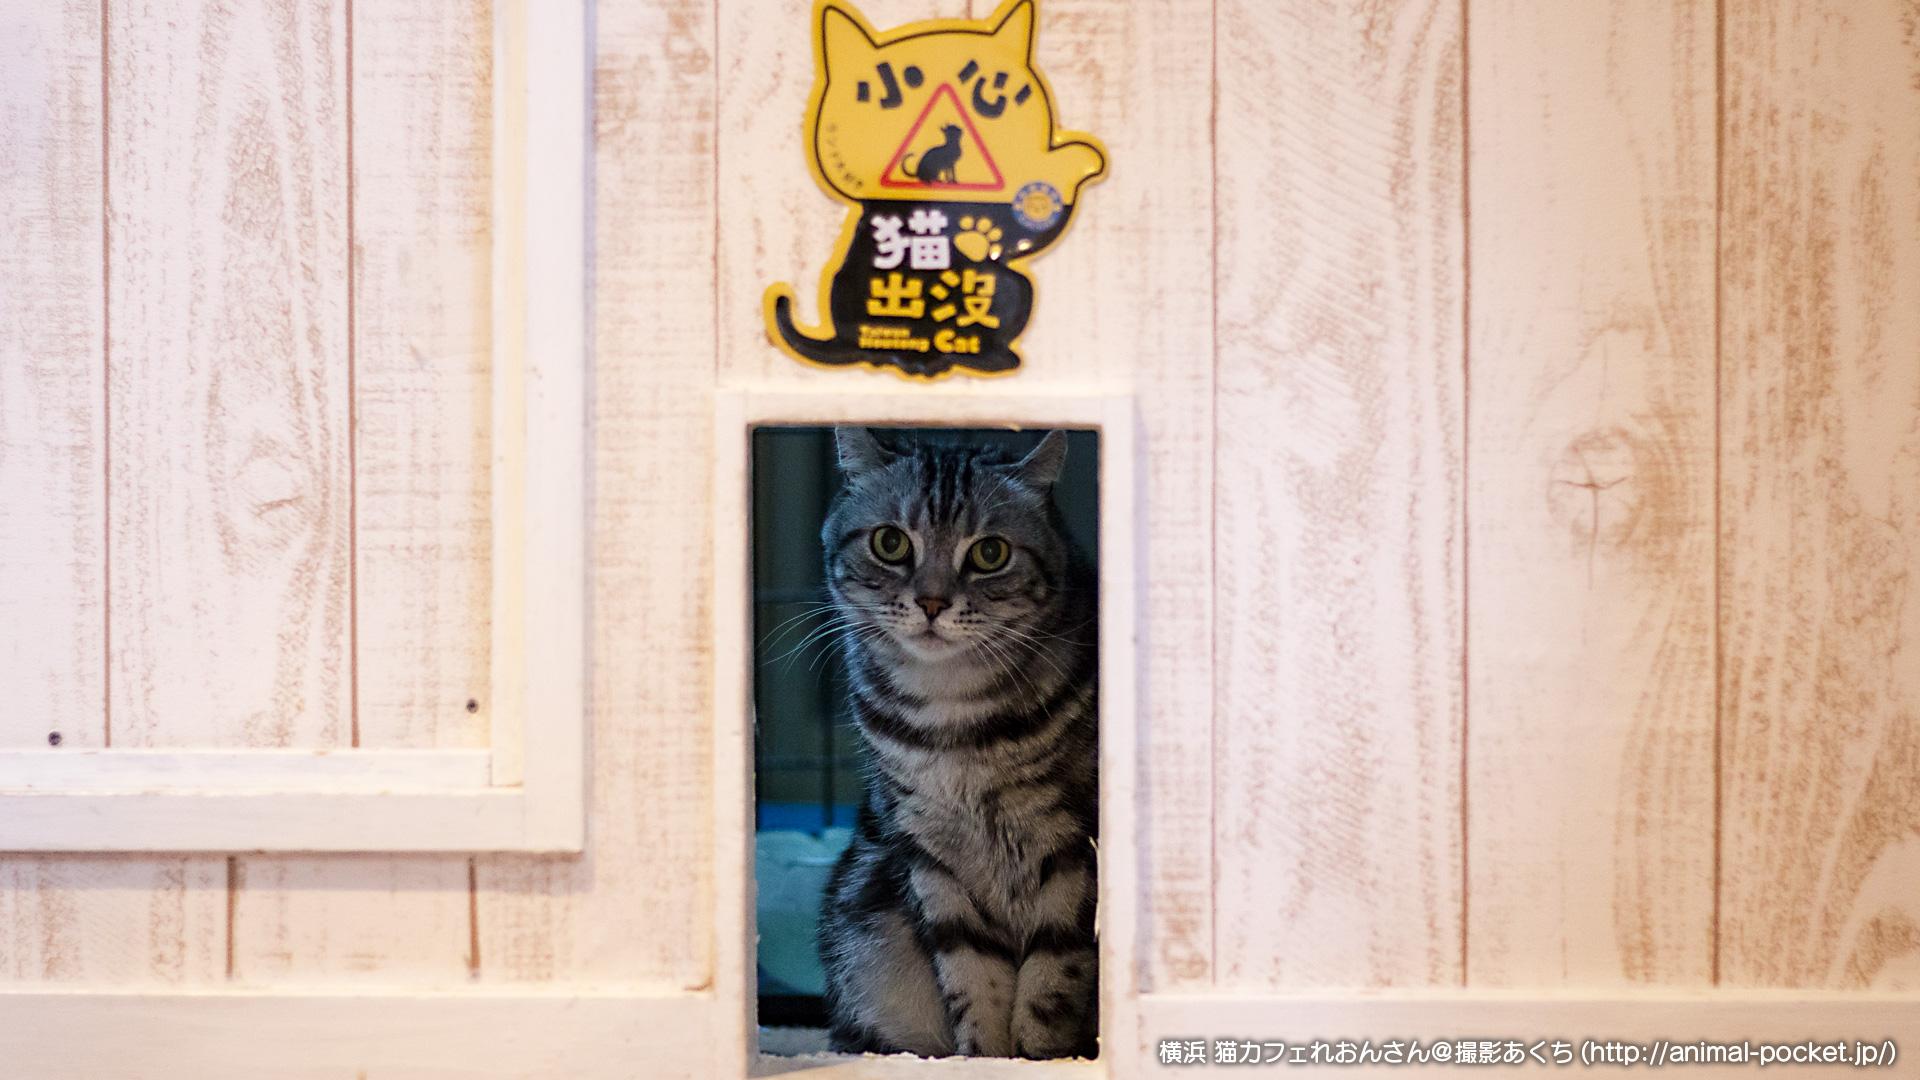 猫カフェ「猫カフェれおん」